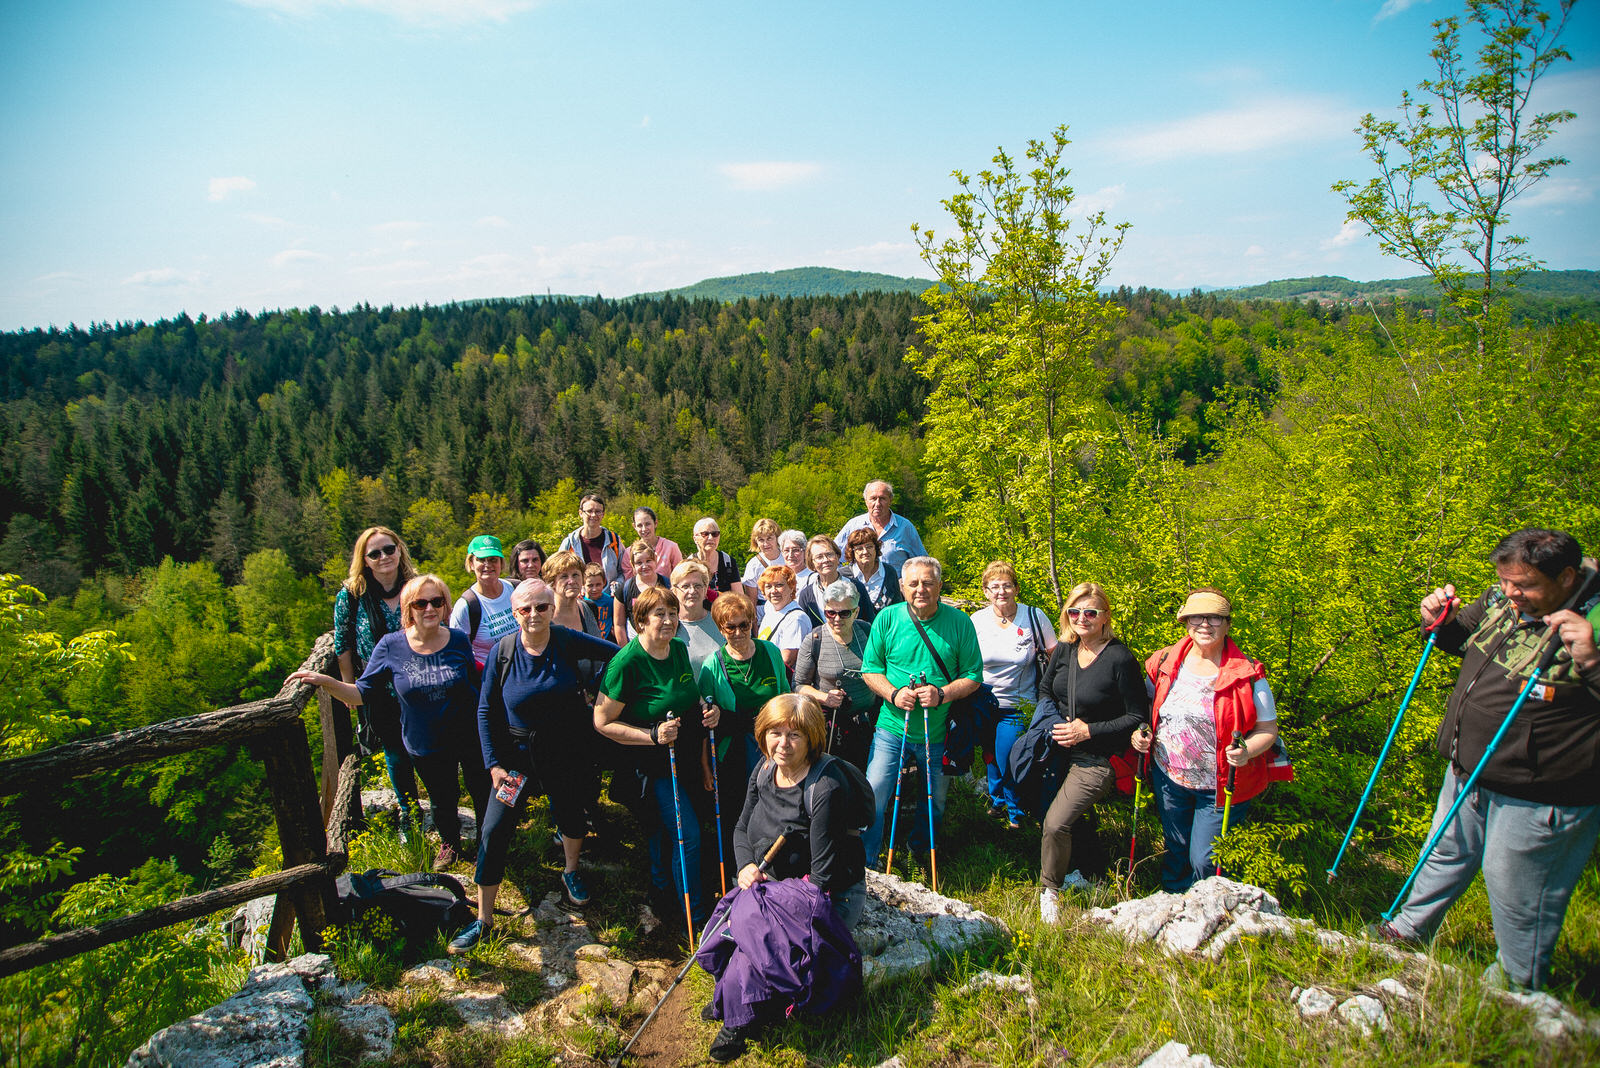 likaclub_slunj_rastoke_5-festival-nordijskog-hodanja_2019-75